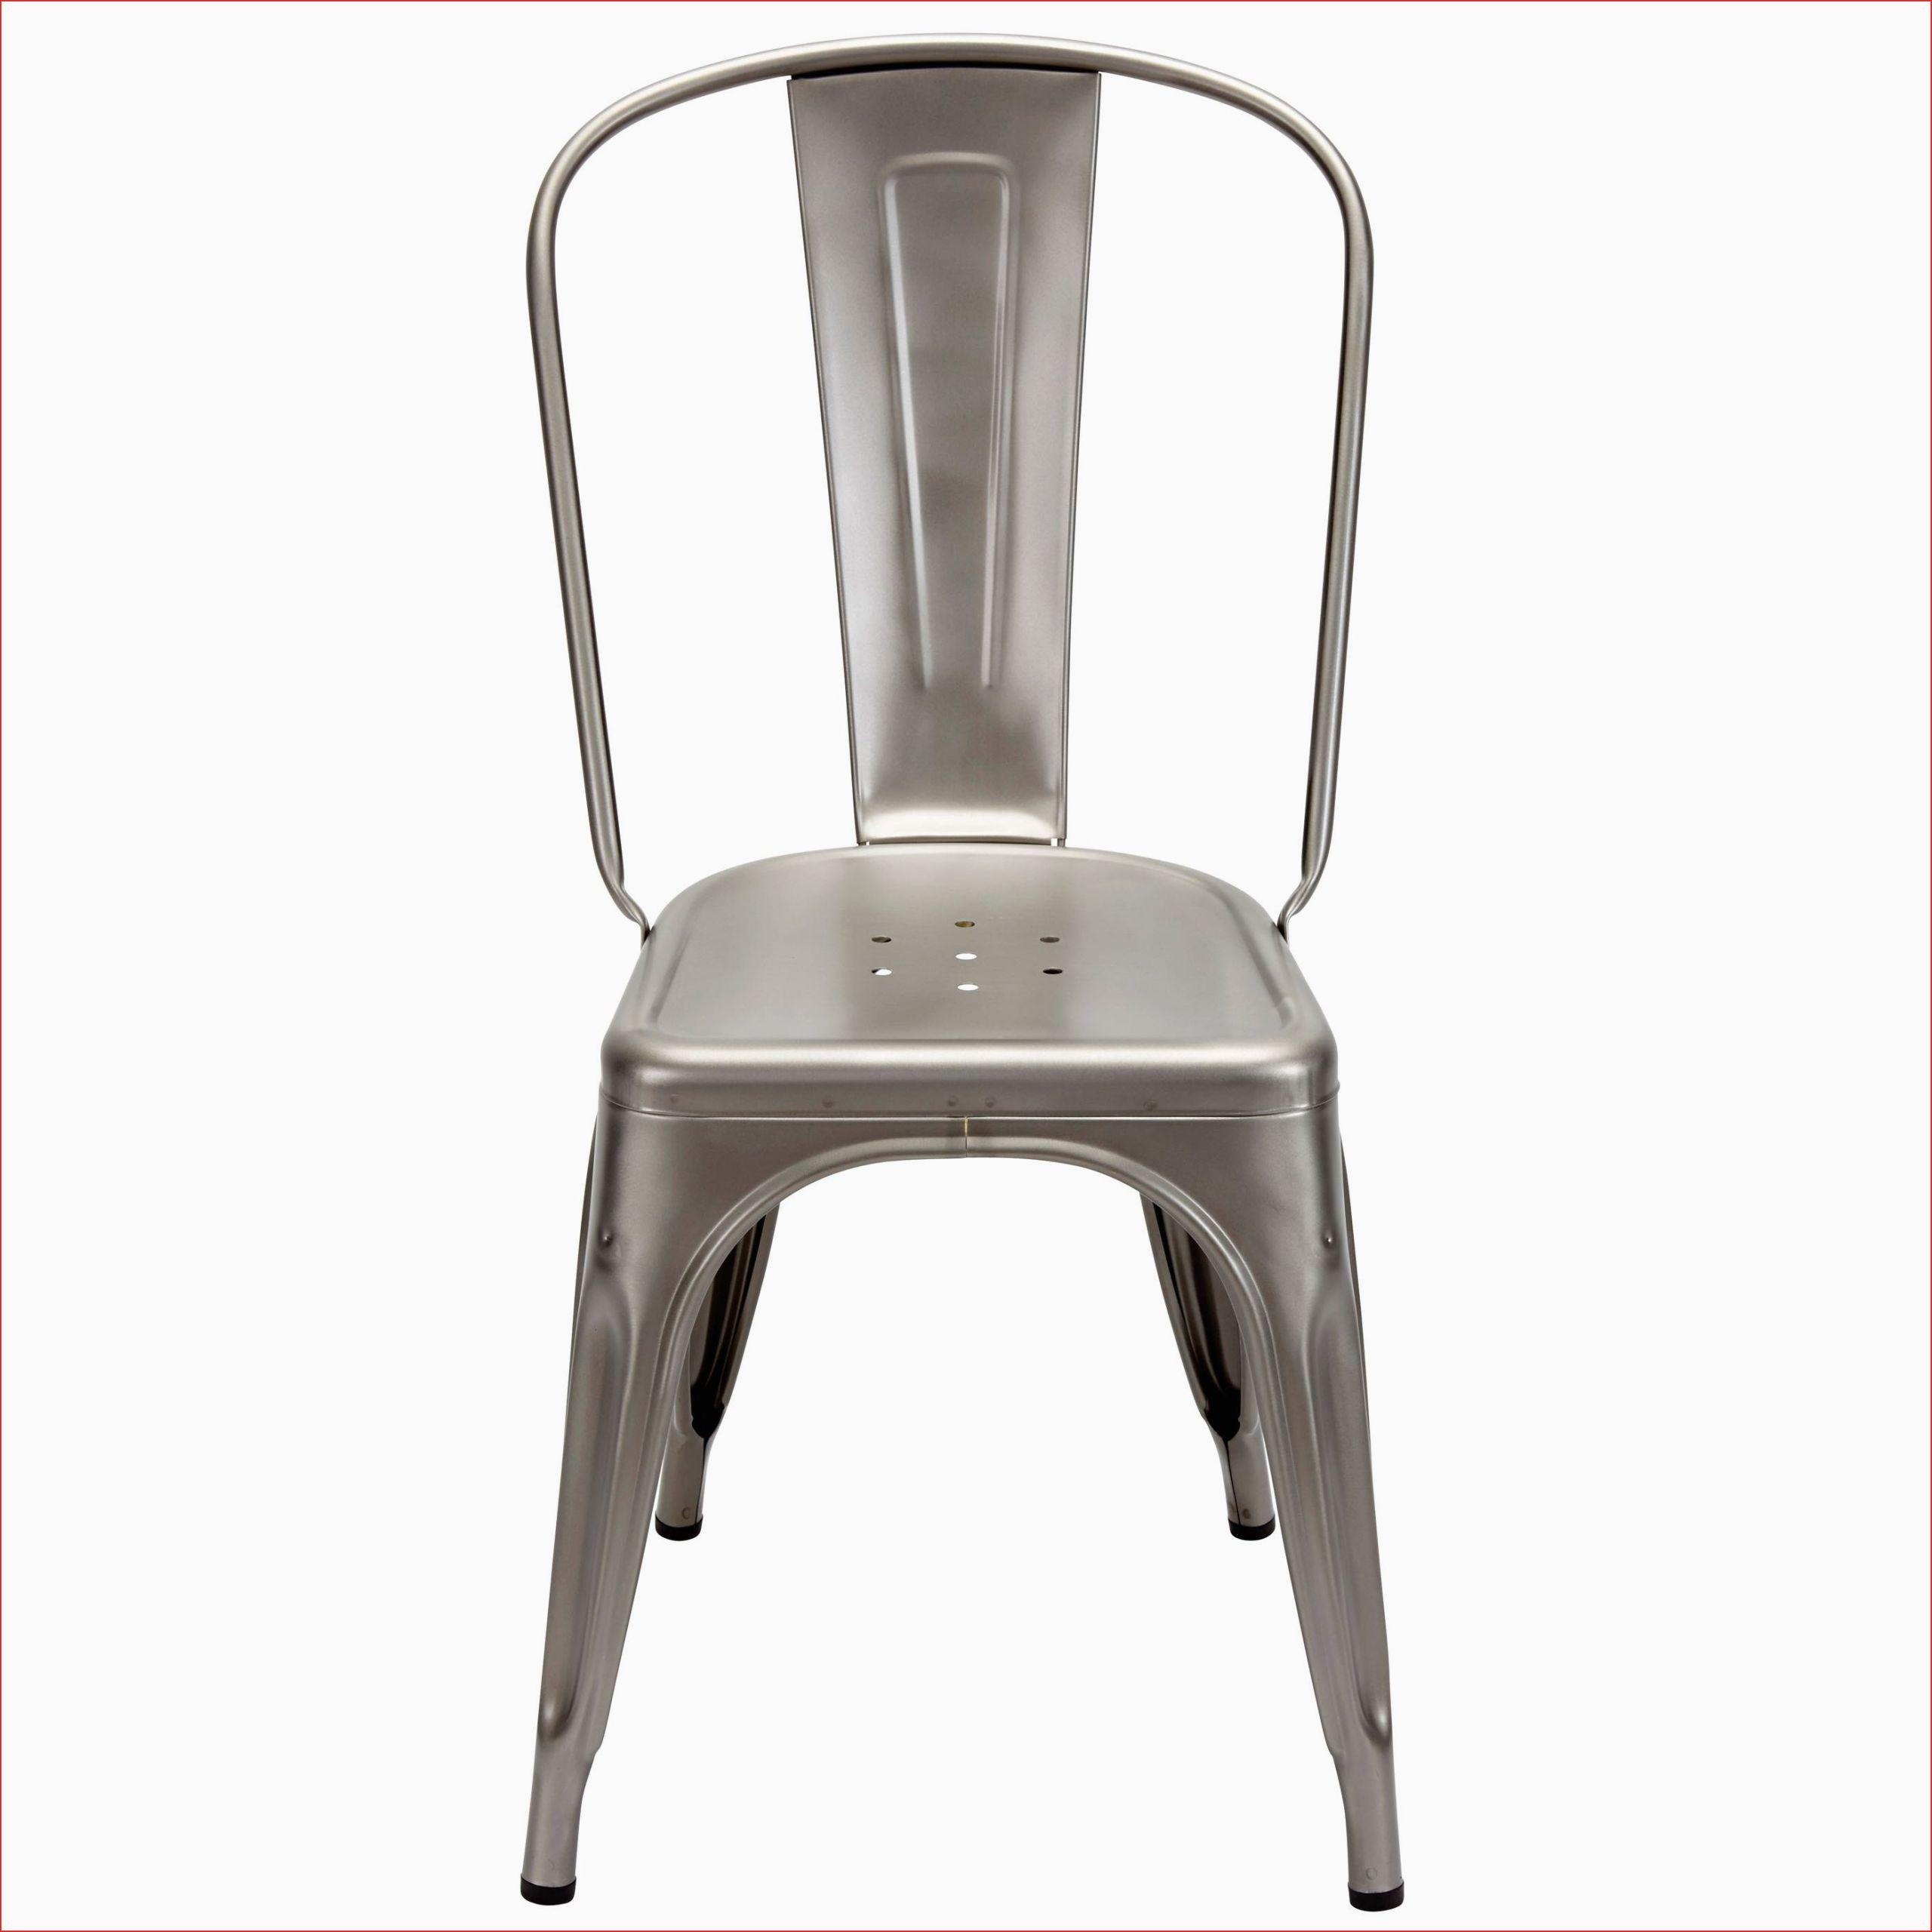 chaise horeca chaise fauteuil industriel pas cher of chaise horeca 2